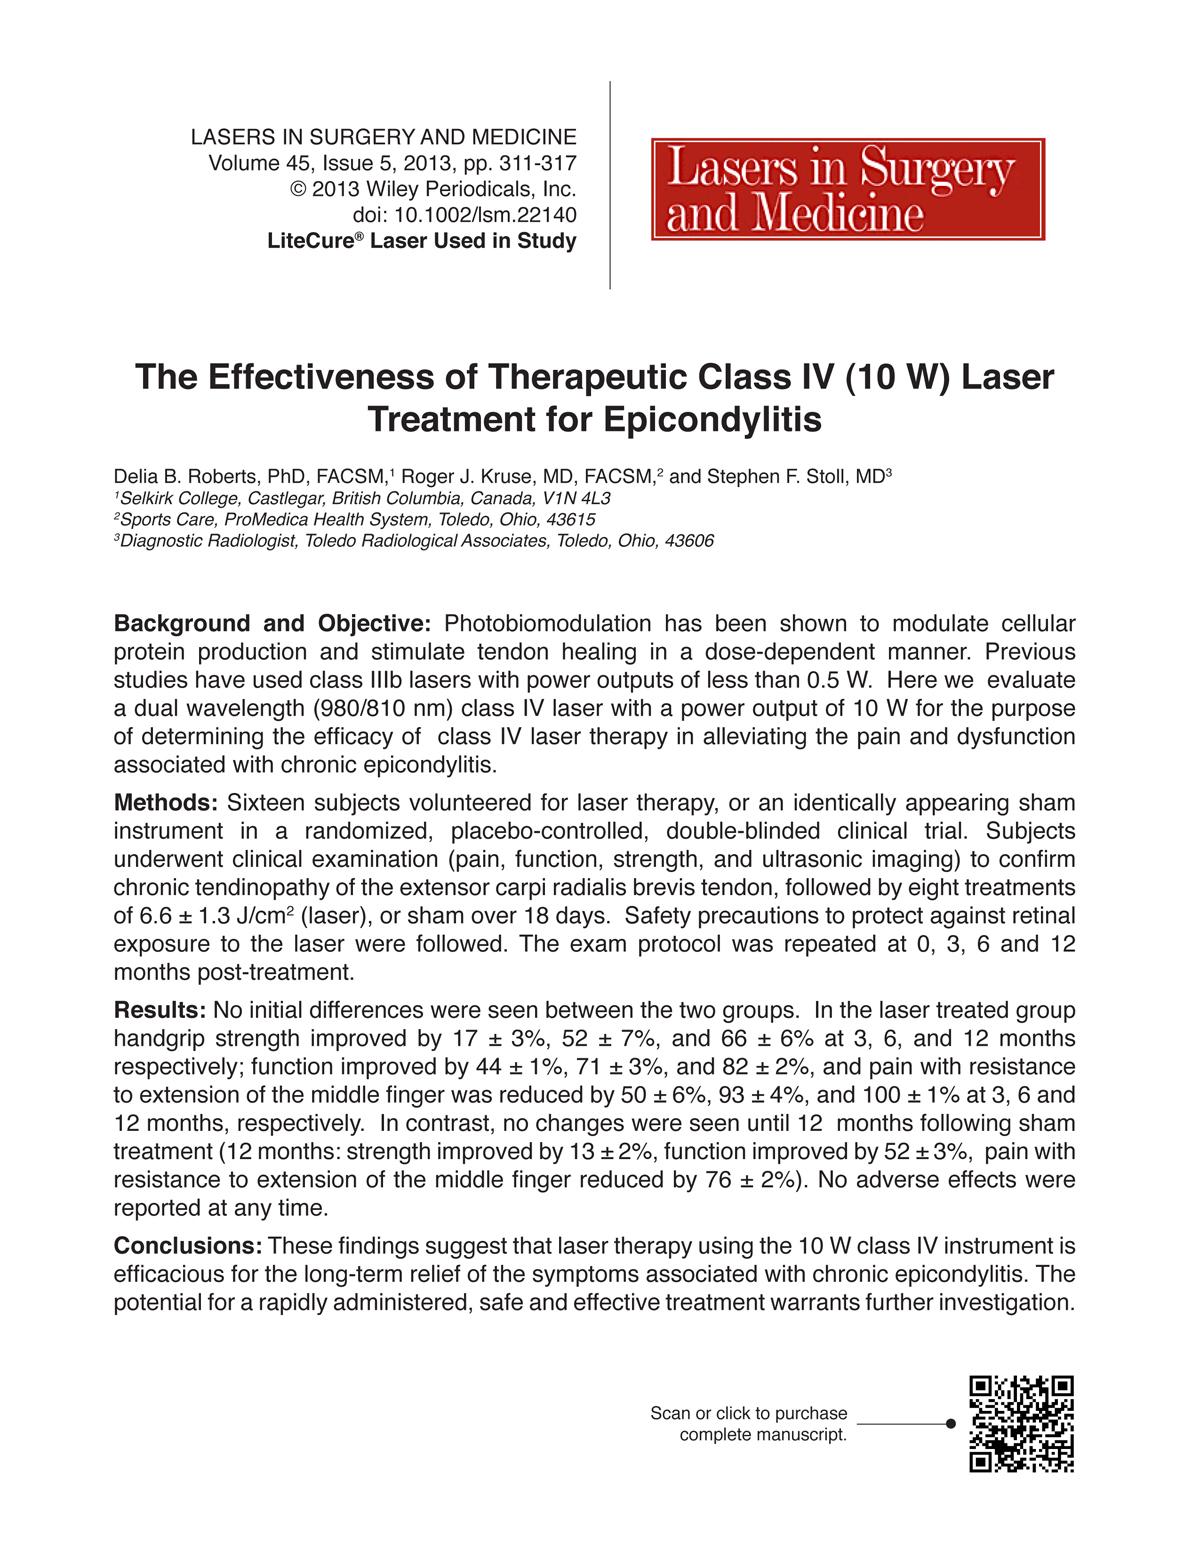 Roberts 2013 Epicondylitis Abstract_Thumbnail